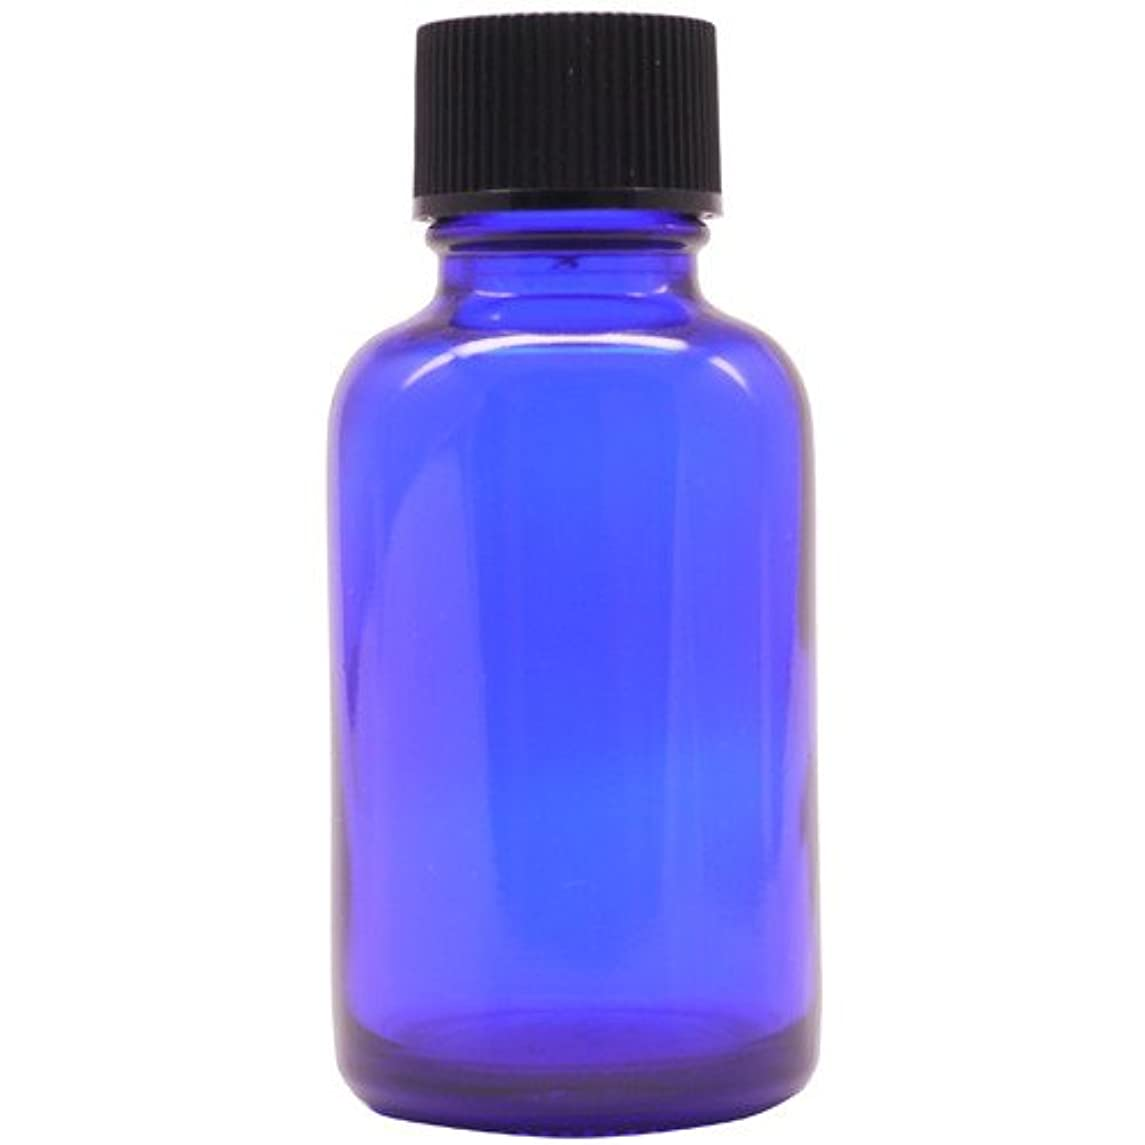 アロマアンドライフ (D)ブルー瓶中止栓30ml 3本セット